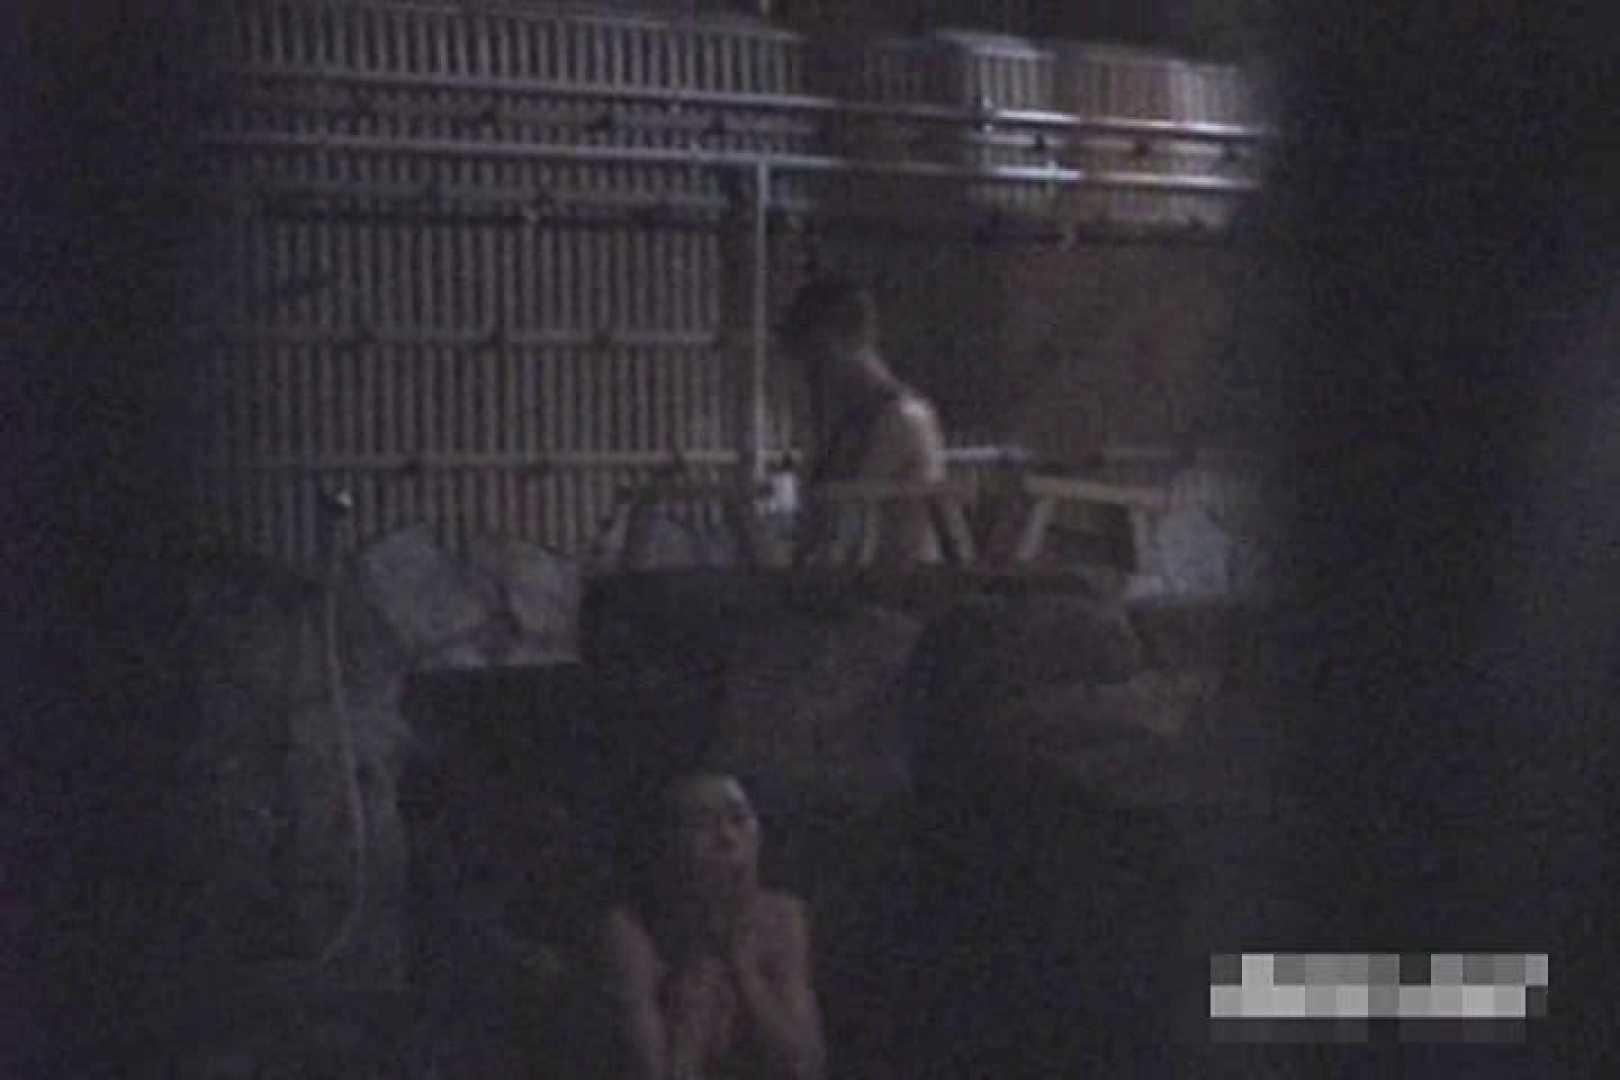 深夜の撮影会Vol.4 盗撮特集 オメコ動画キャプチャ 59画像 24